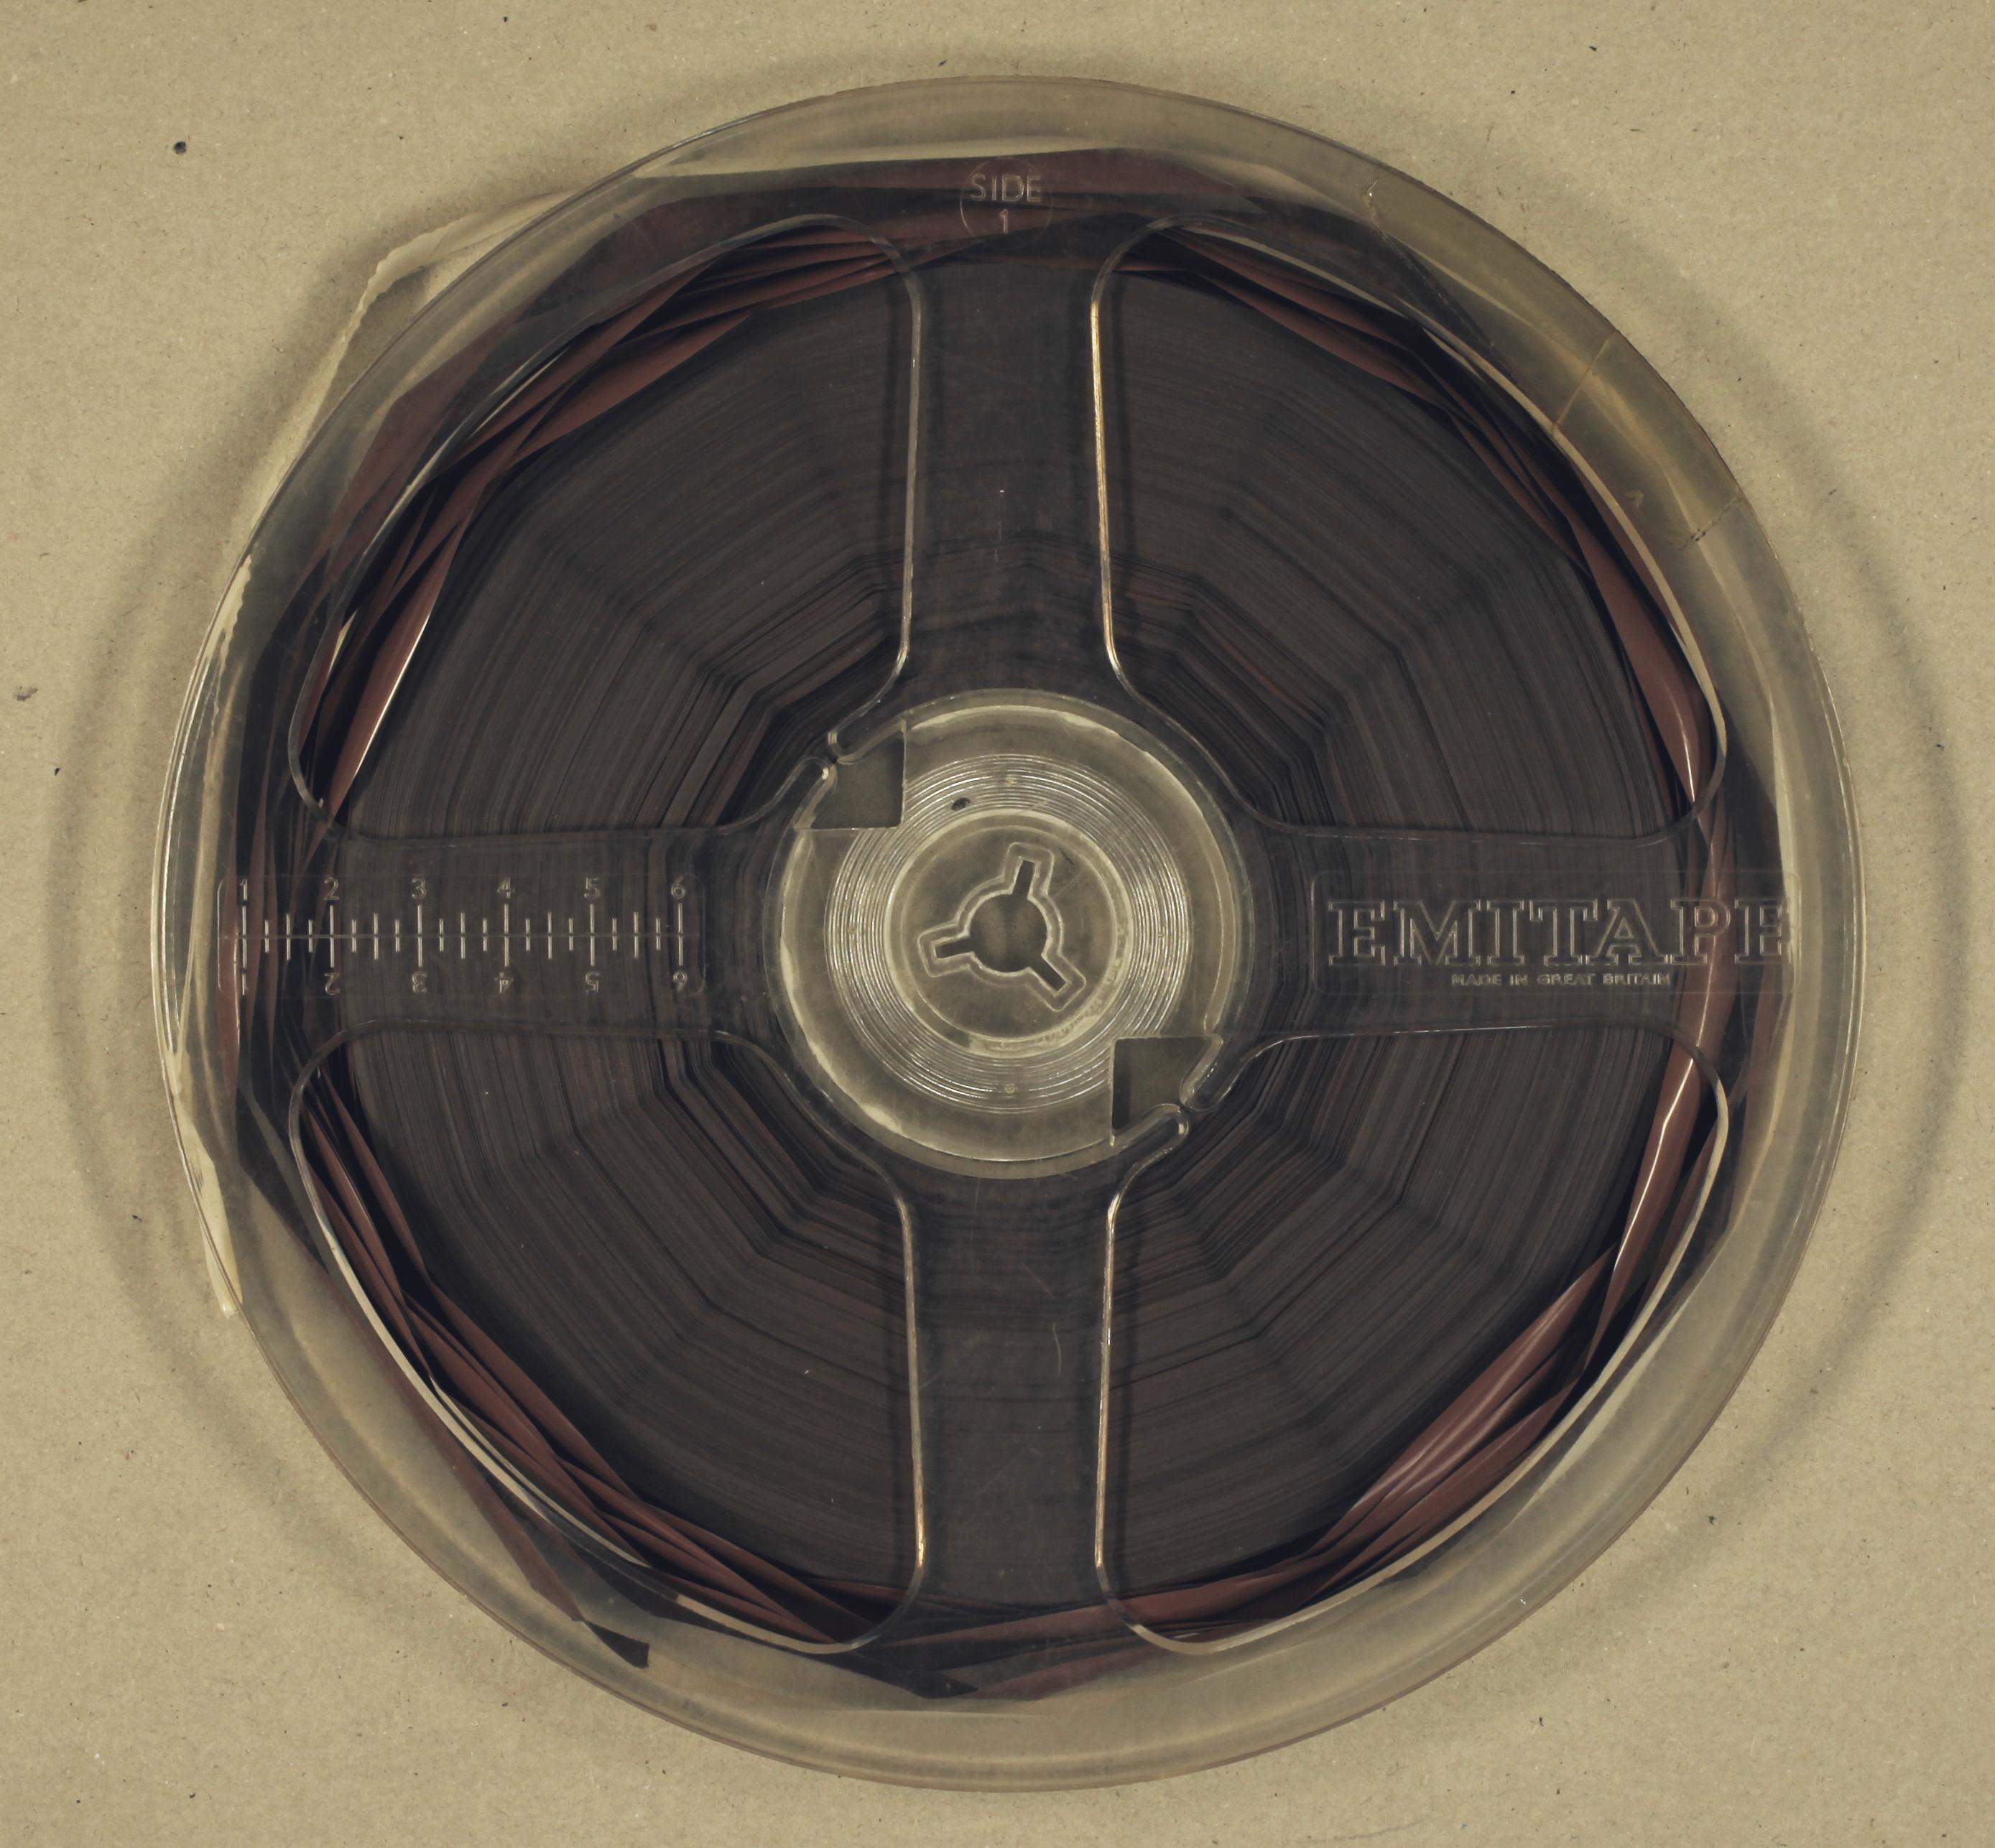 Afbeeldingsresultaat voor cupping audio tape